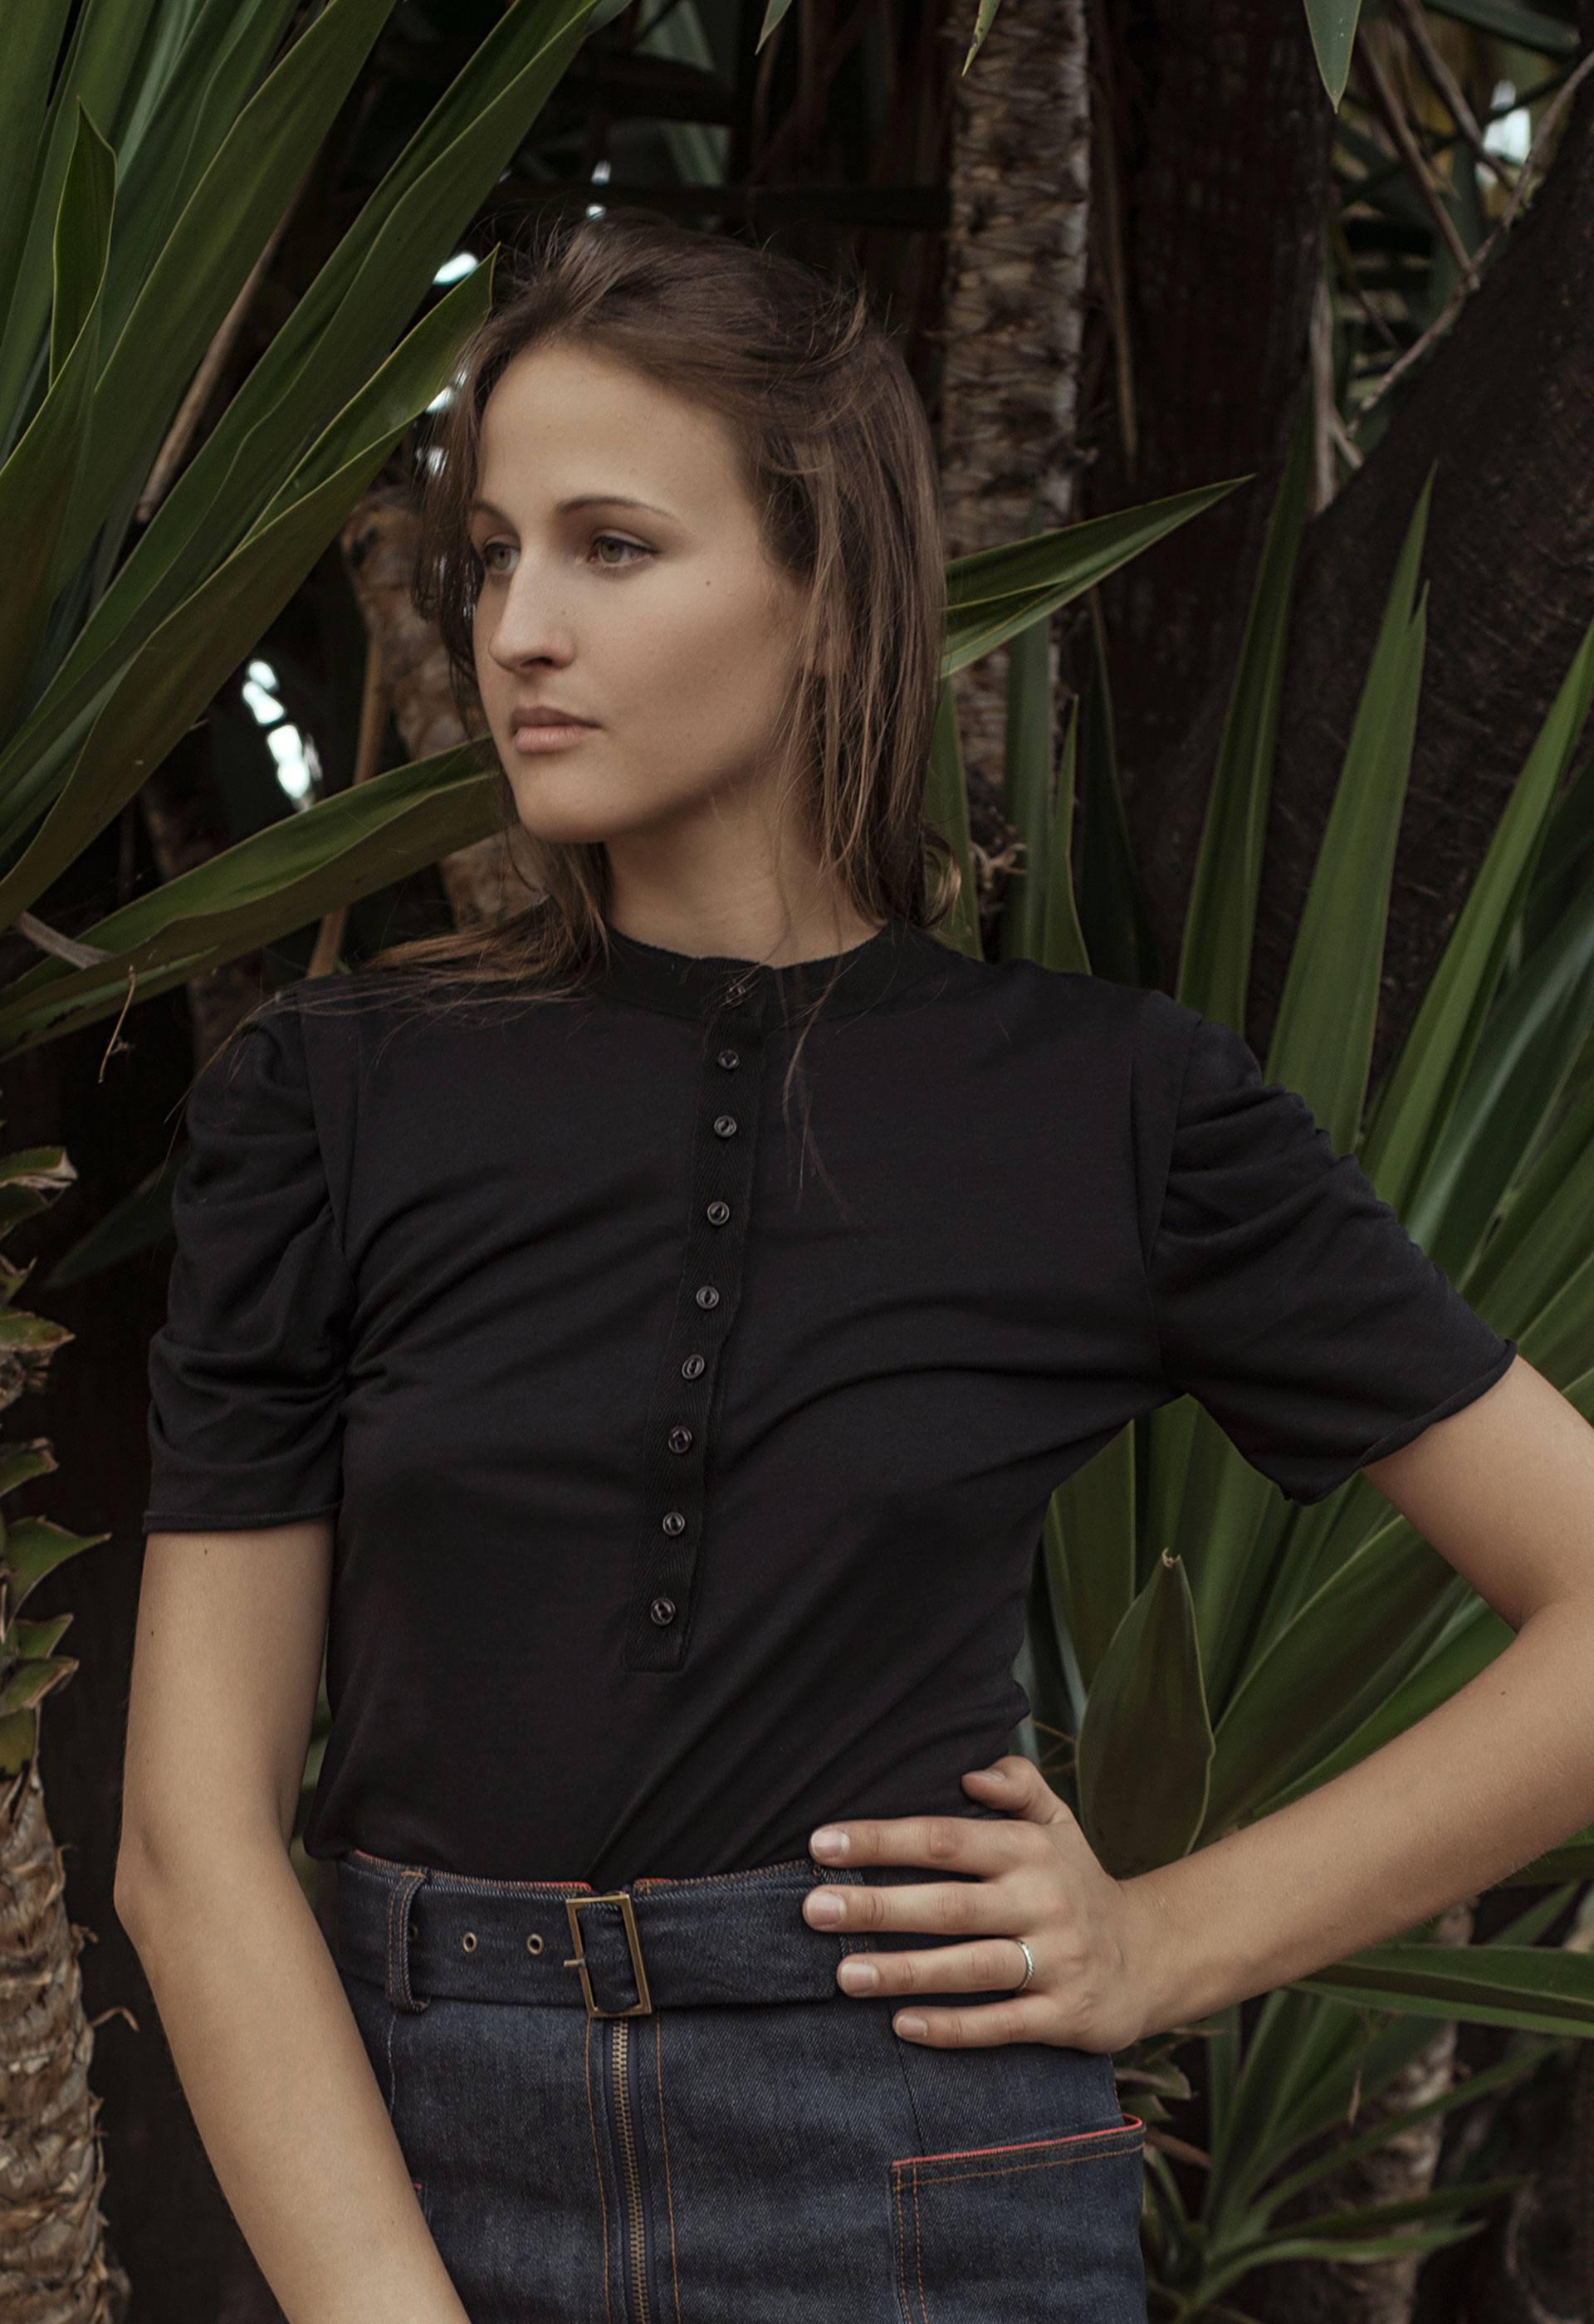 PRÊT À PORTER-CÁPSULA IO SS19 - TOPS, CAMISAS Y BLUSAS - camiseta negra vintage con cuello caja abotonado IO DREAMS